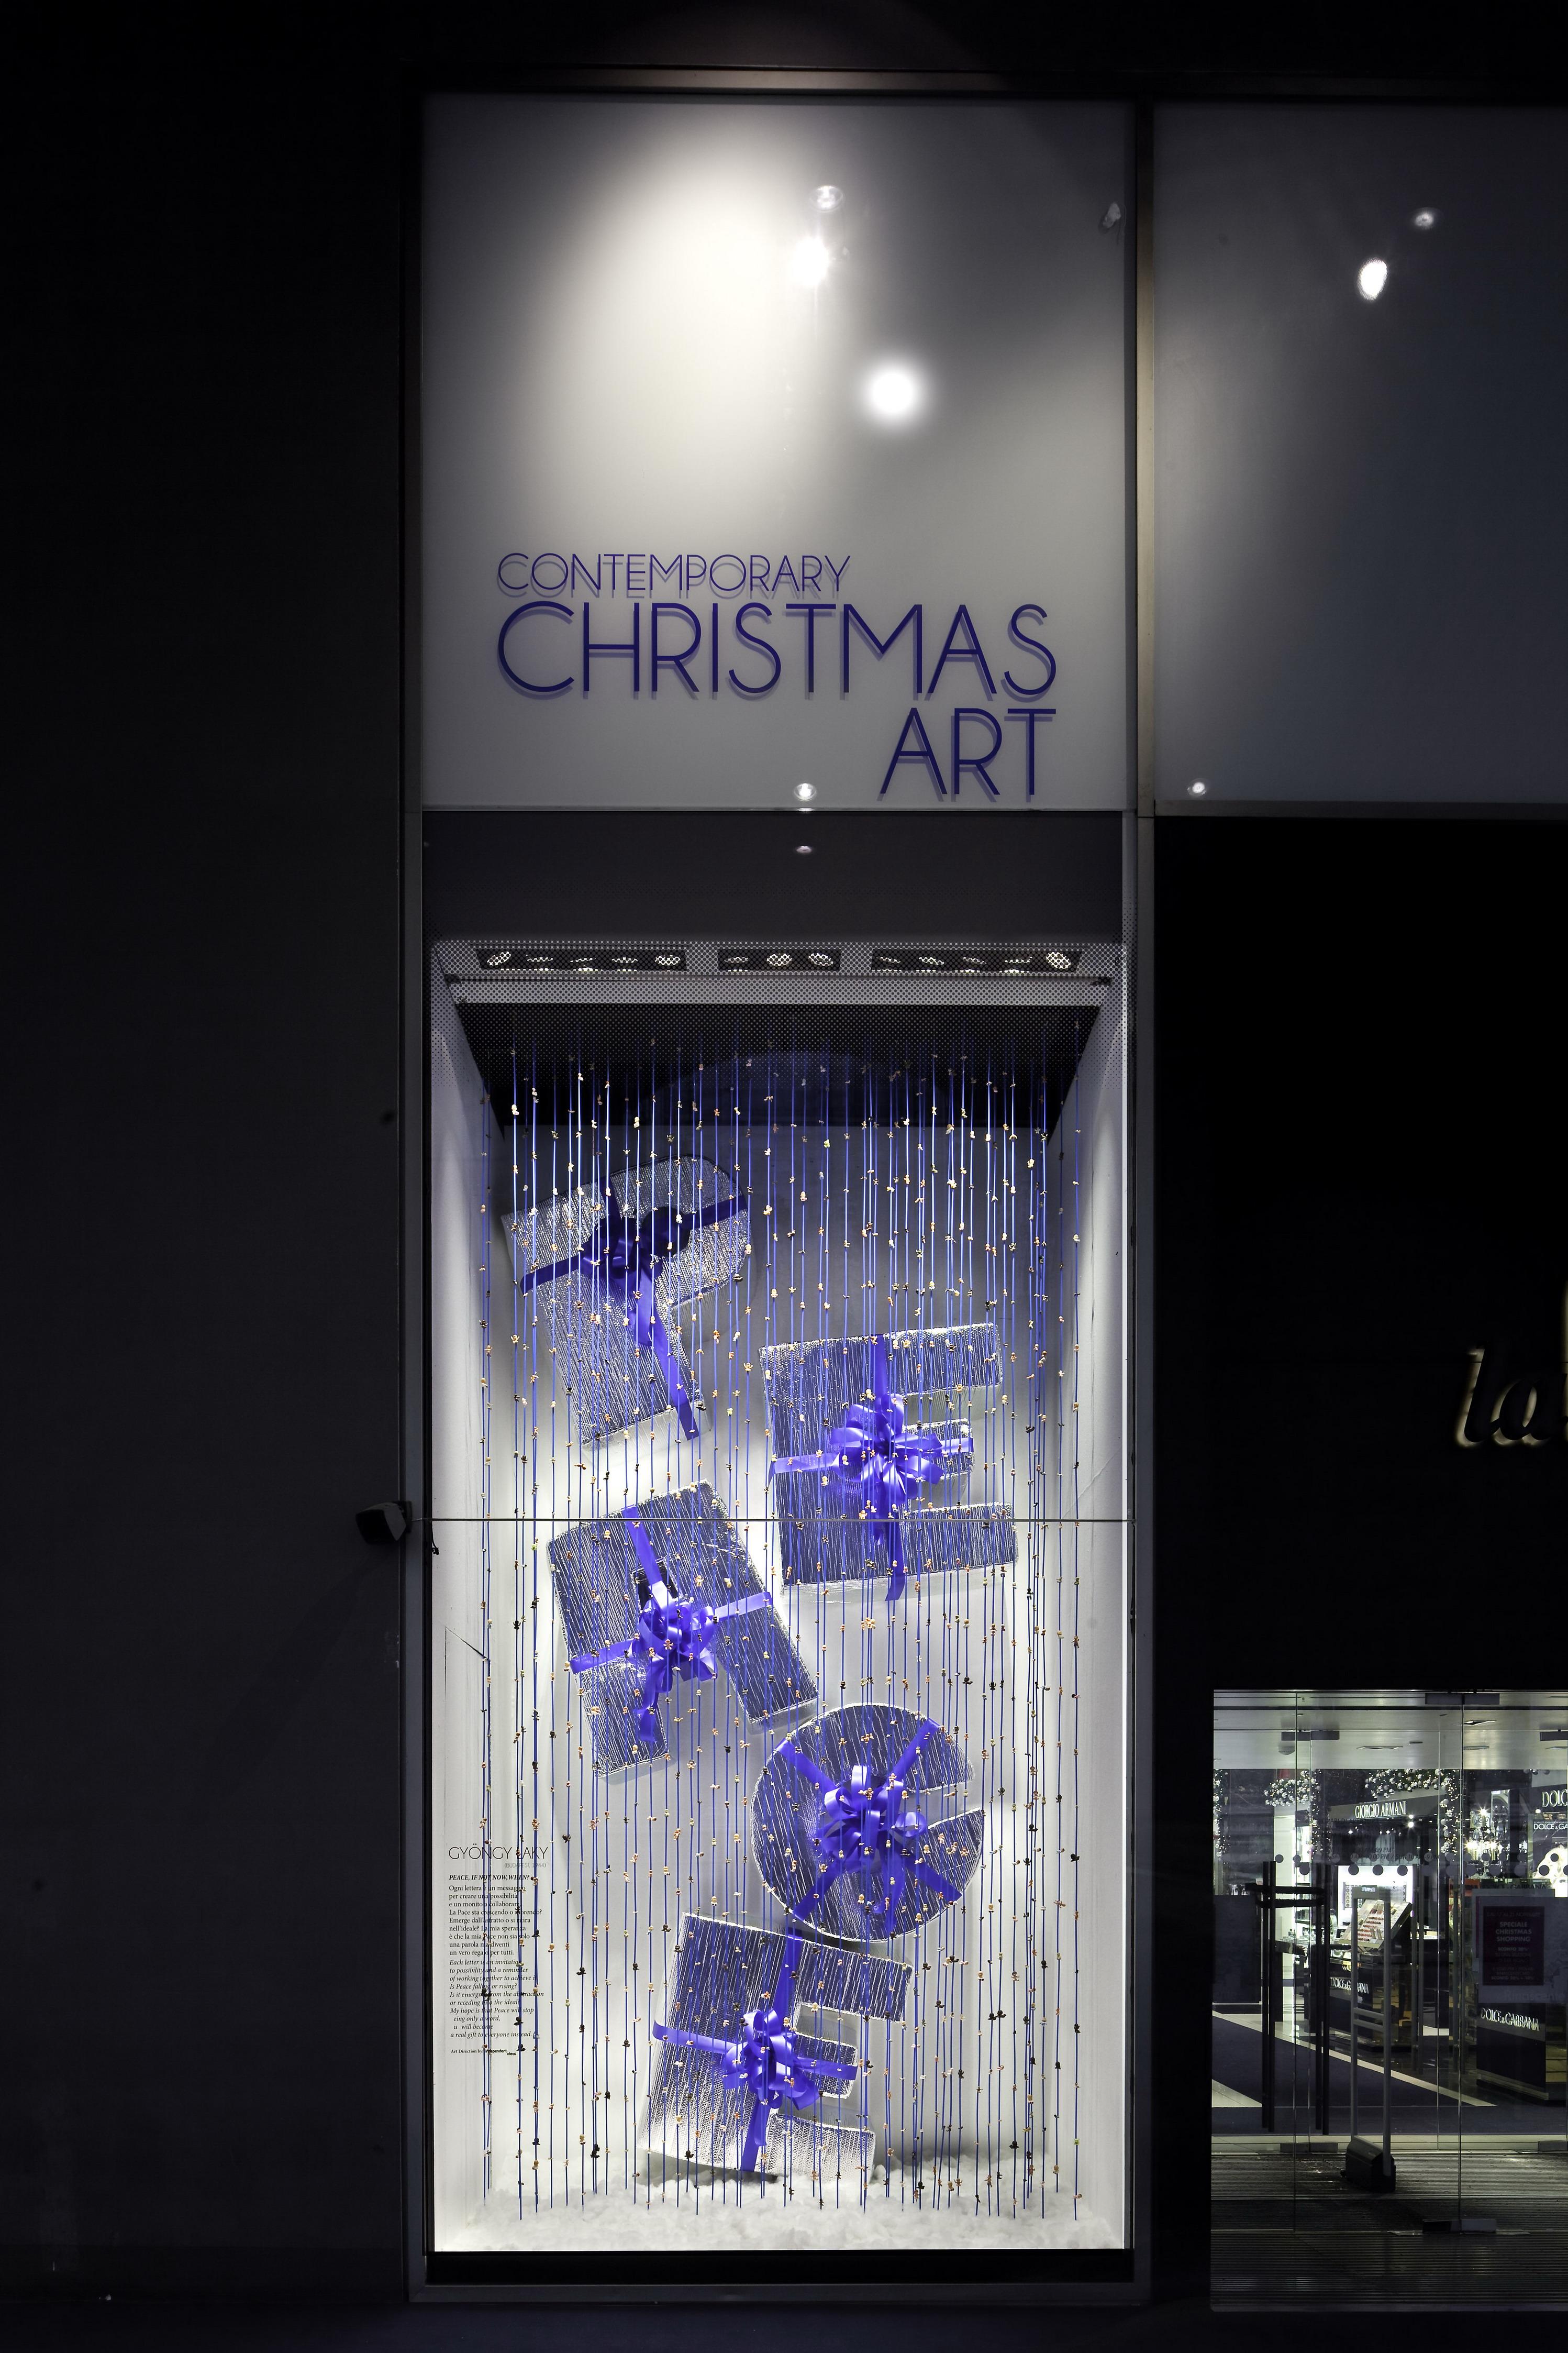 Le vetrine di la rinascente milano dedicate al natale for Carta rinascente